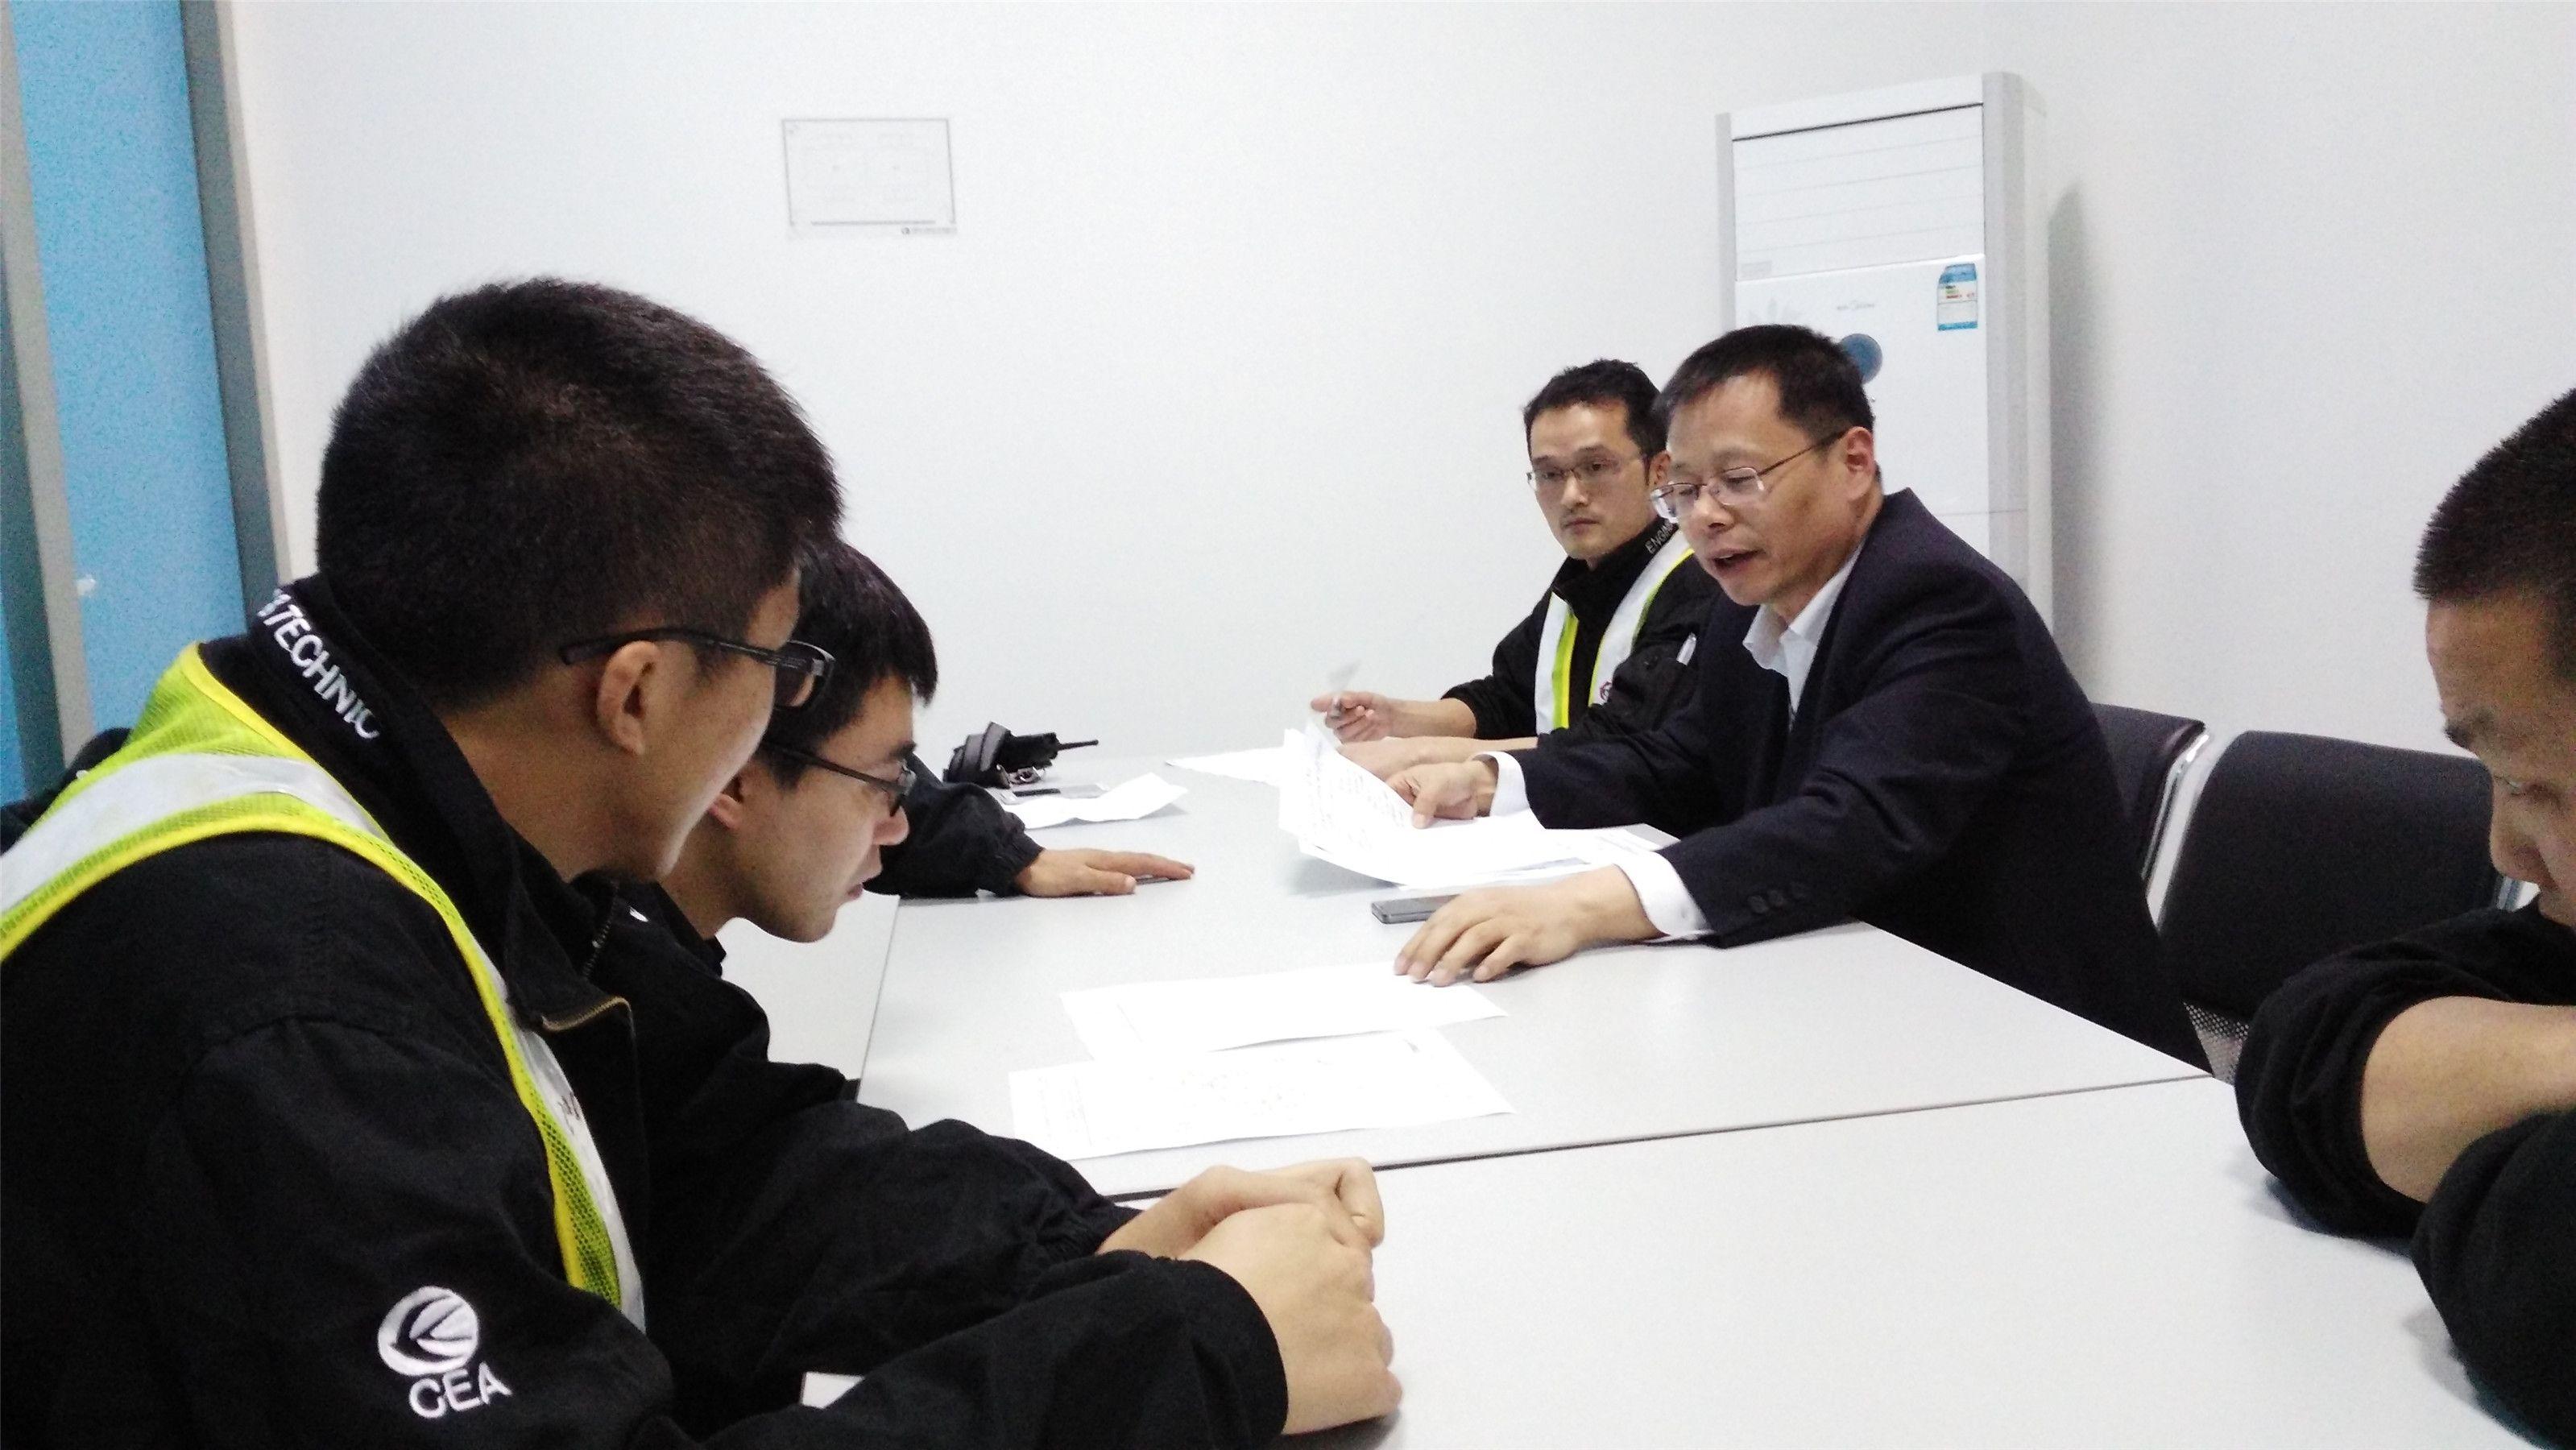 东航江苏公司飞机维修部总经理冷全平:新时代的实干家